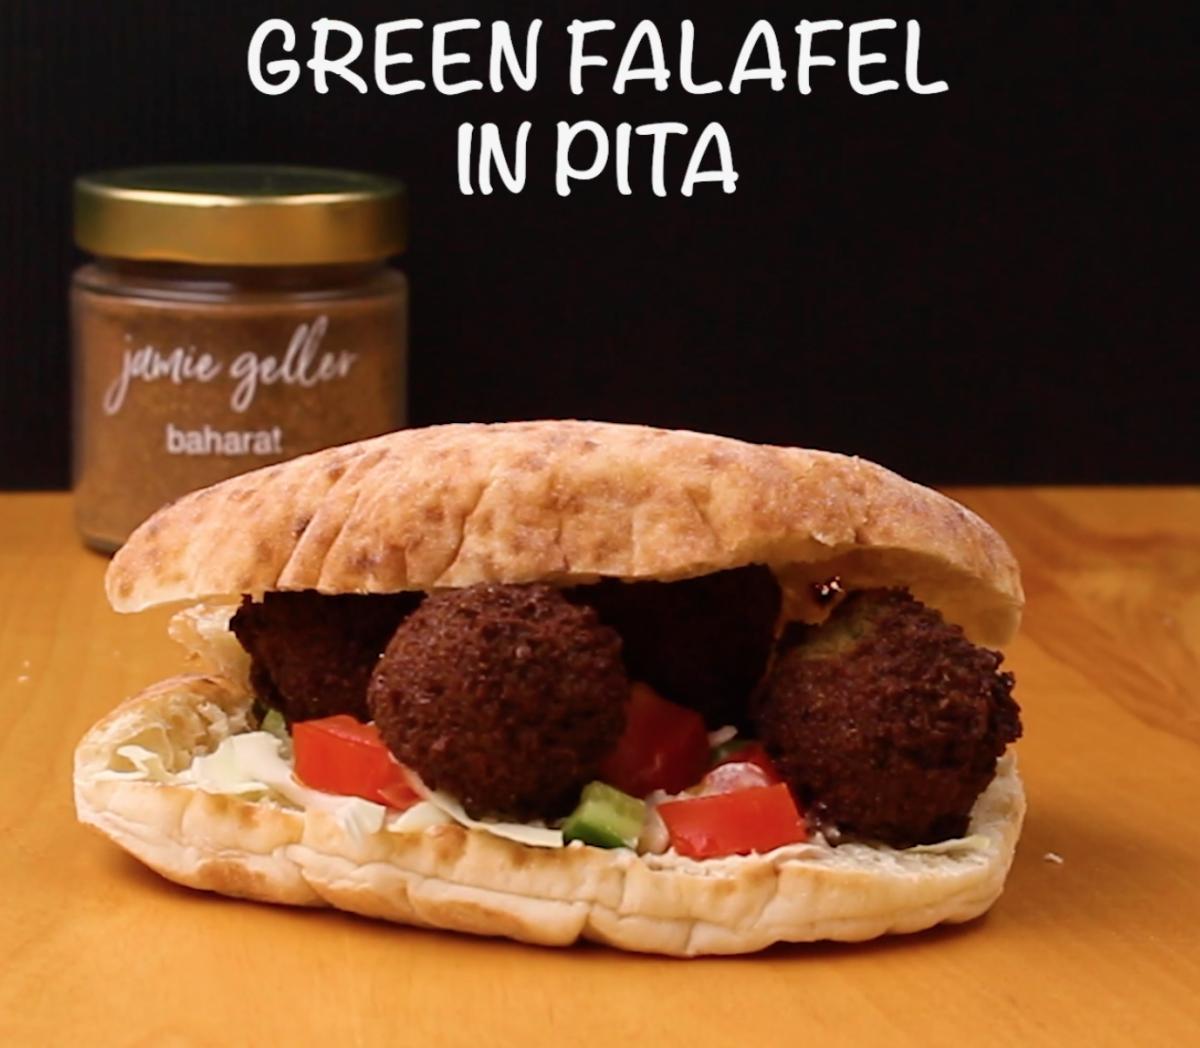 Green Falafel in Pita